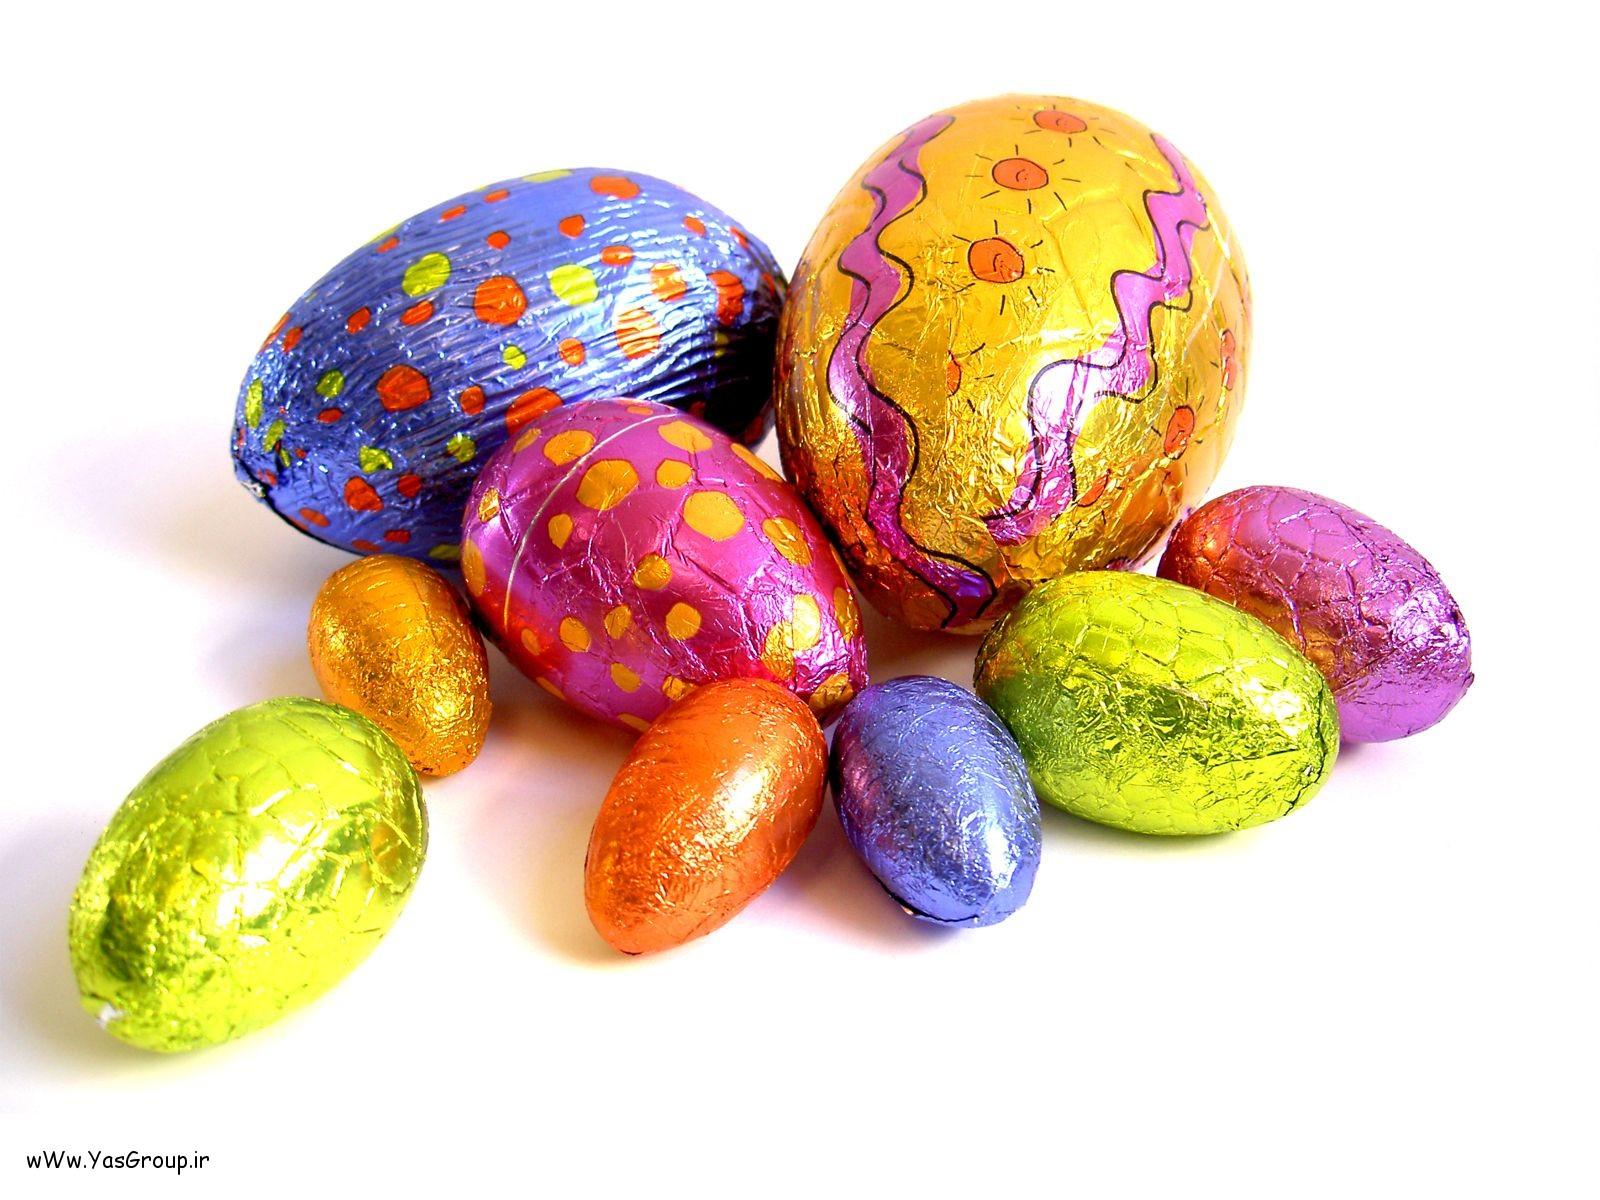 nowruz-egg-haft-seen_11